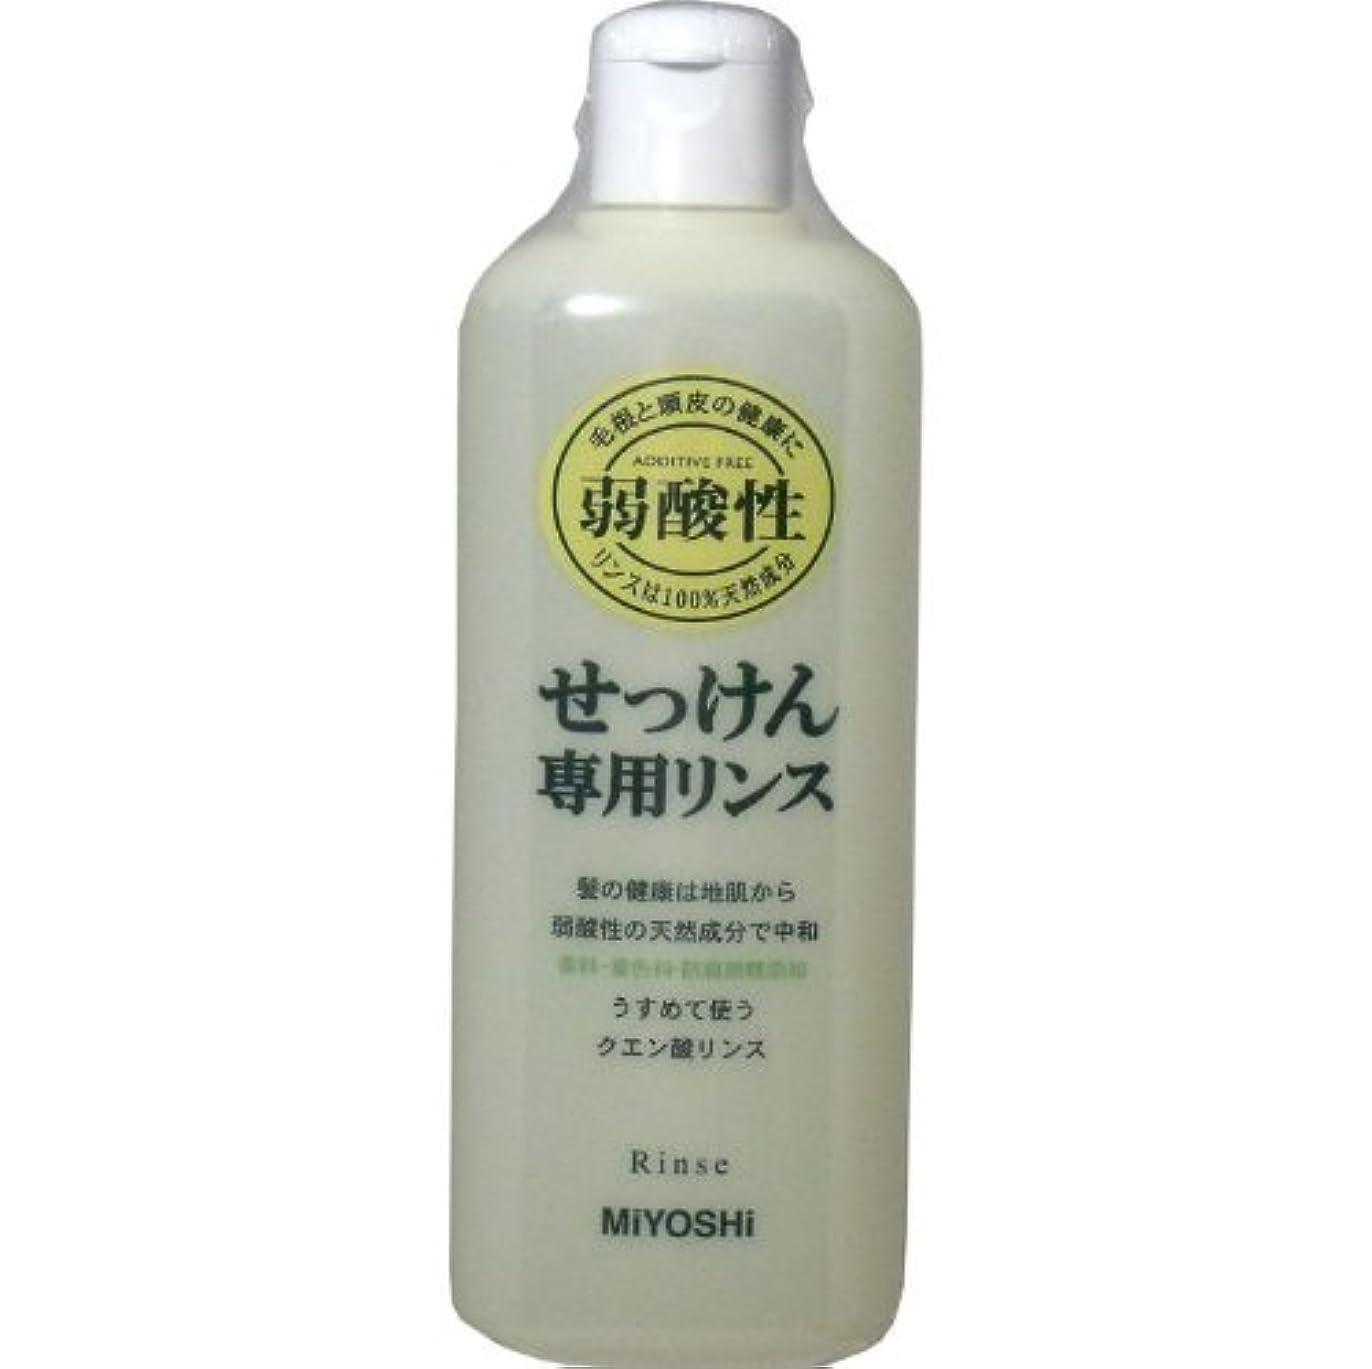 ラグライナーリング髪の健康は地肌から、弱酸性の天然成分で中和!!香料、防腐剤、着色料無添加!うすめて使うクエン酸リンス!リンス 350mL【5個セット】